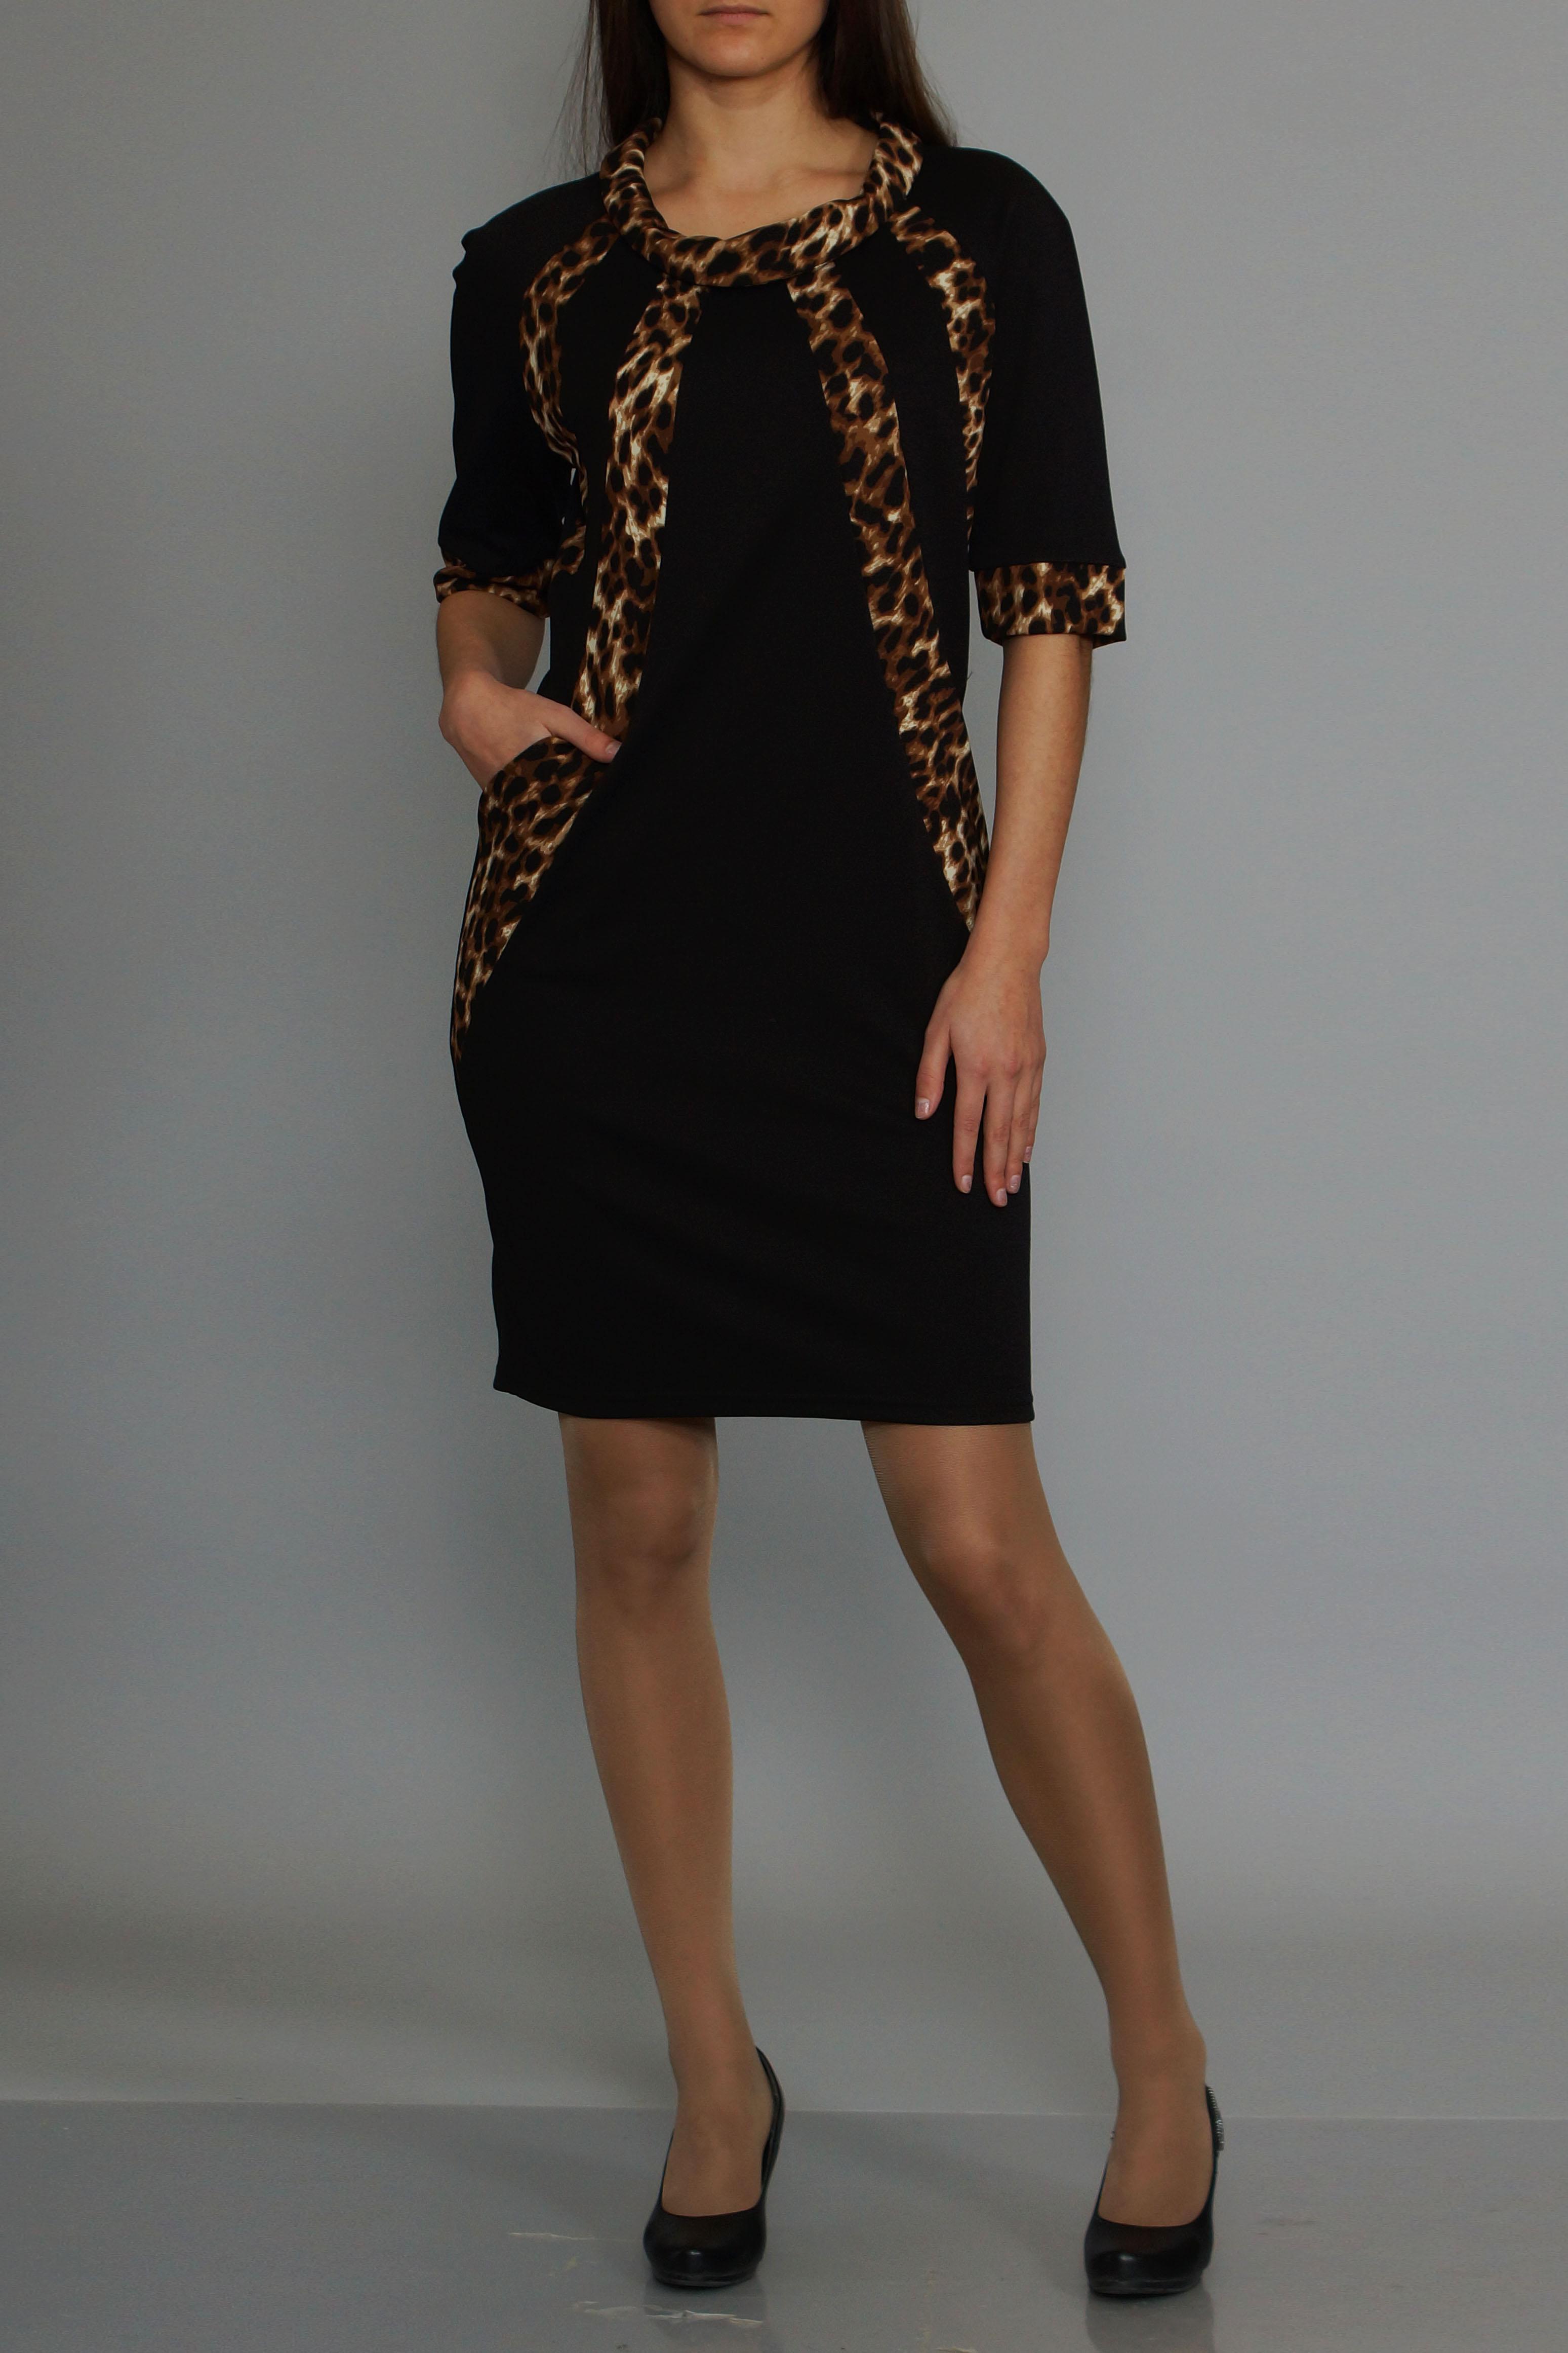 ПлатьеПлатья<br>Эффектное платье с леопардовыми вставками. Модель выполнена из приятного материала. Отличный выбор для повседневного гардероба.   В изделии использованы цвета: черный, бежевый др.  Ростовка изделия 170 см.<br><br>Воротник: Хомут<br>По длине: До колена<br>По материалу: Вискоза,Трикотаж<br>По рисунку: Леопард,С принтом,Цветные<br>По силуэту: Полуприталенные<br>По стилю: Повседневный стиль<br>По форме: Платье - футляр<br>Рукав: До локтя<br>По сезону: Осень,Весна,Зима<br>Размер : 44,46<br>Материал: Трикотаж<br>Количество в наличии: 2